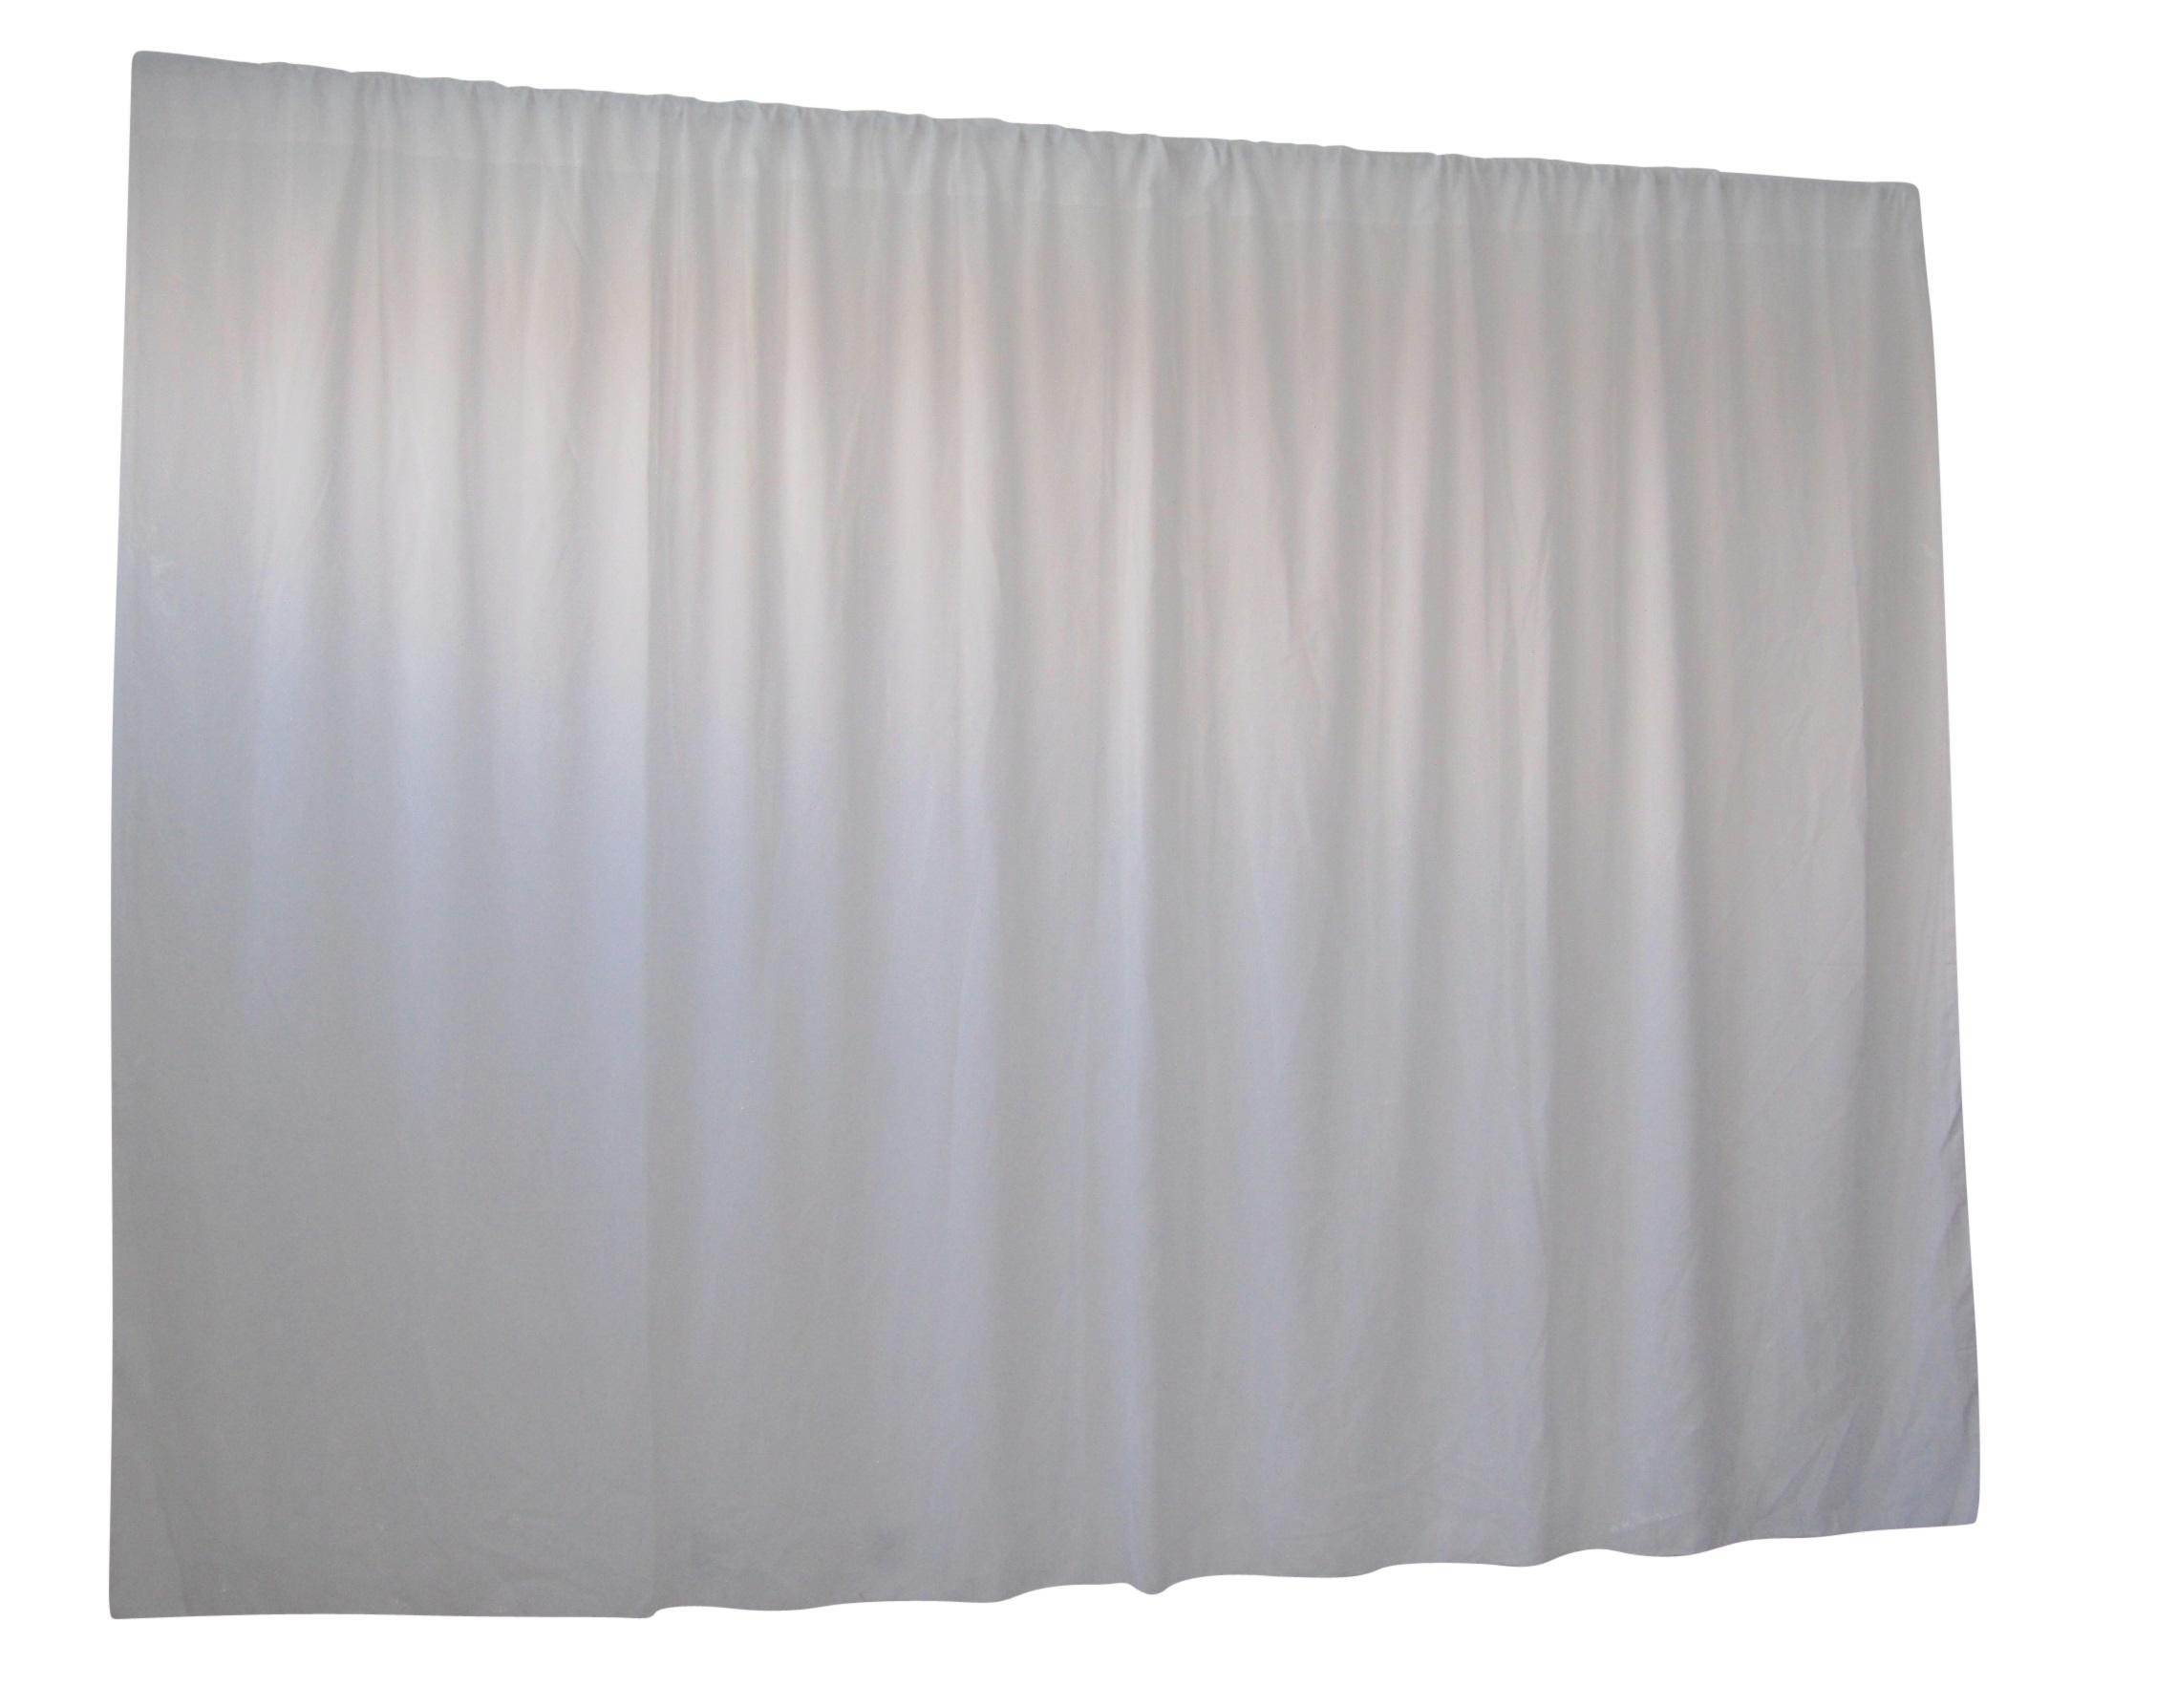 2.8M X 4M White Wedding Drape Backdrop Curtain  Z2717